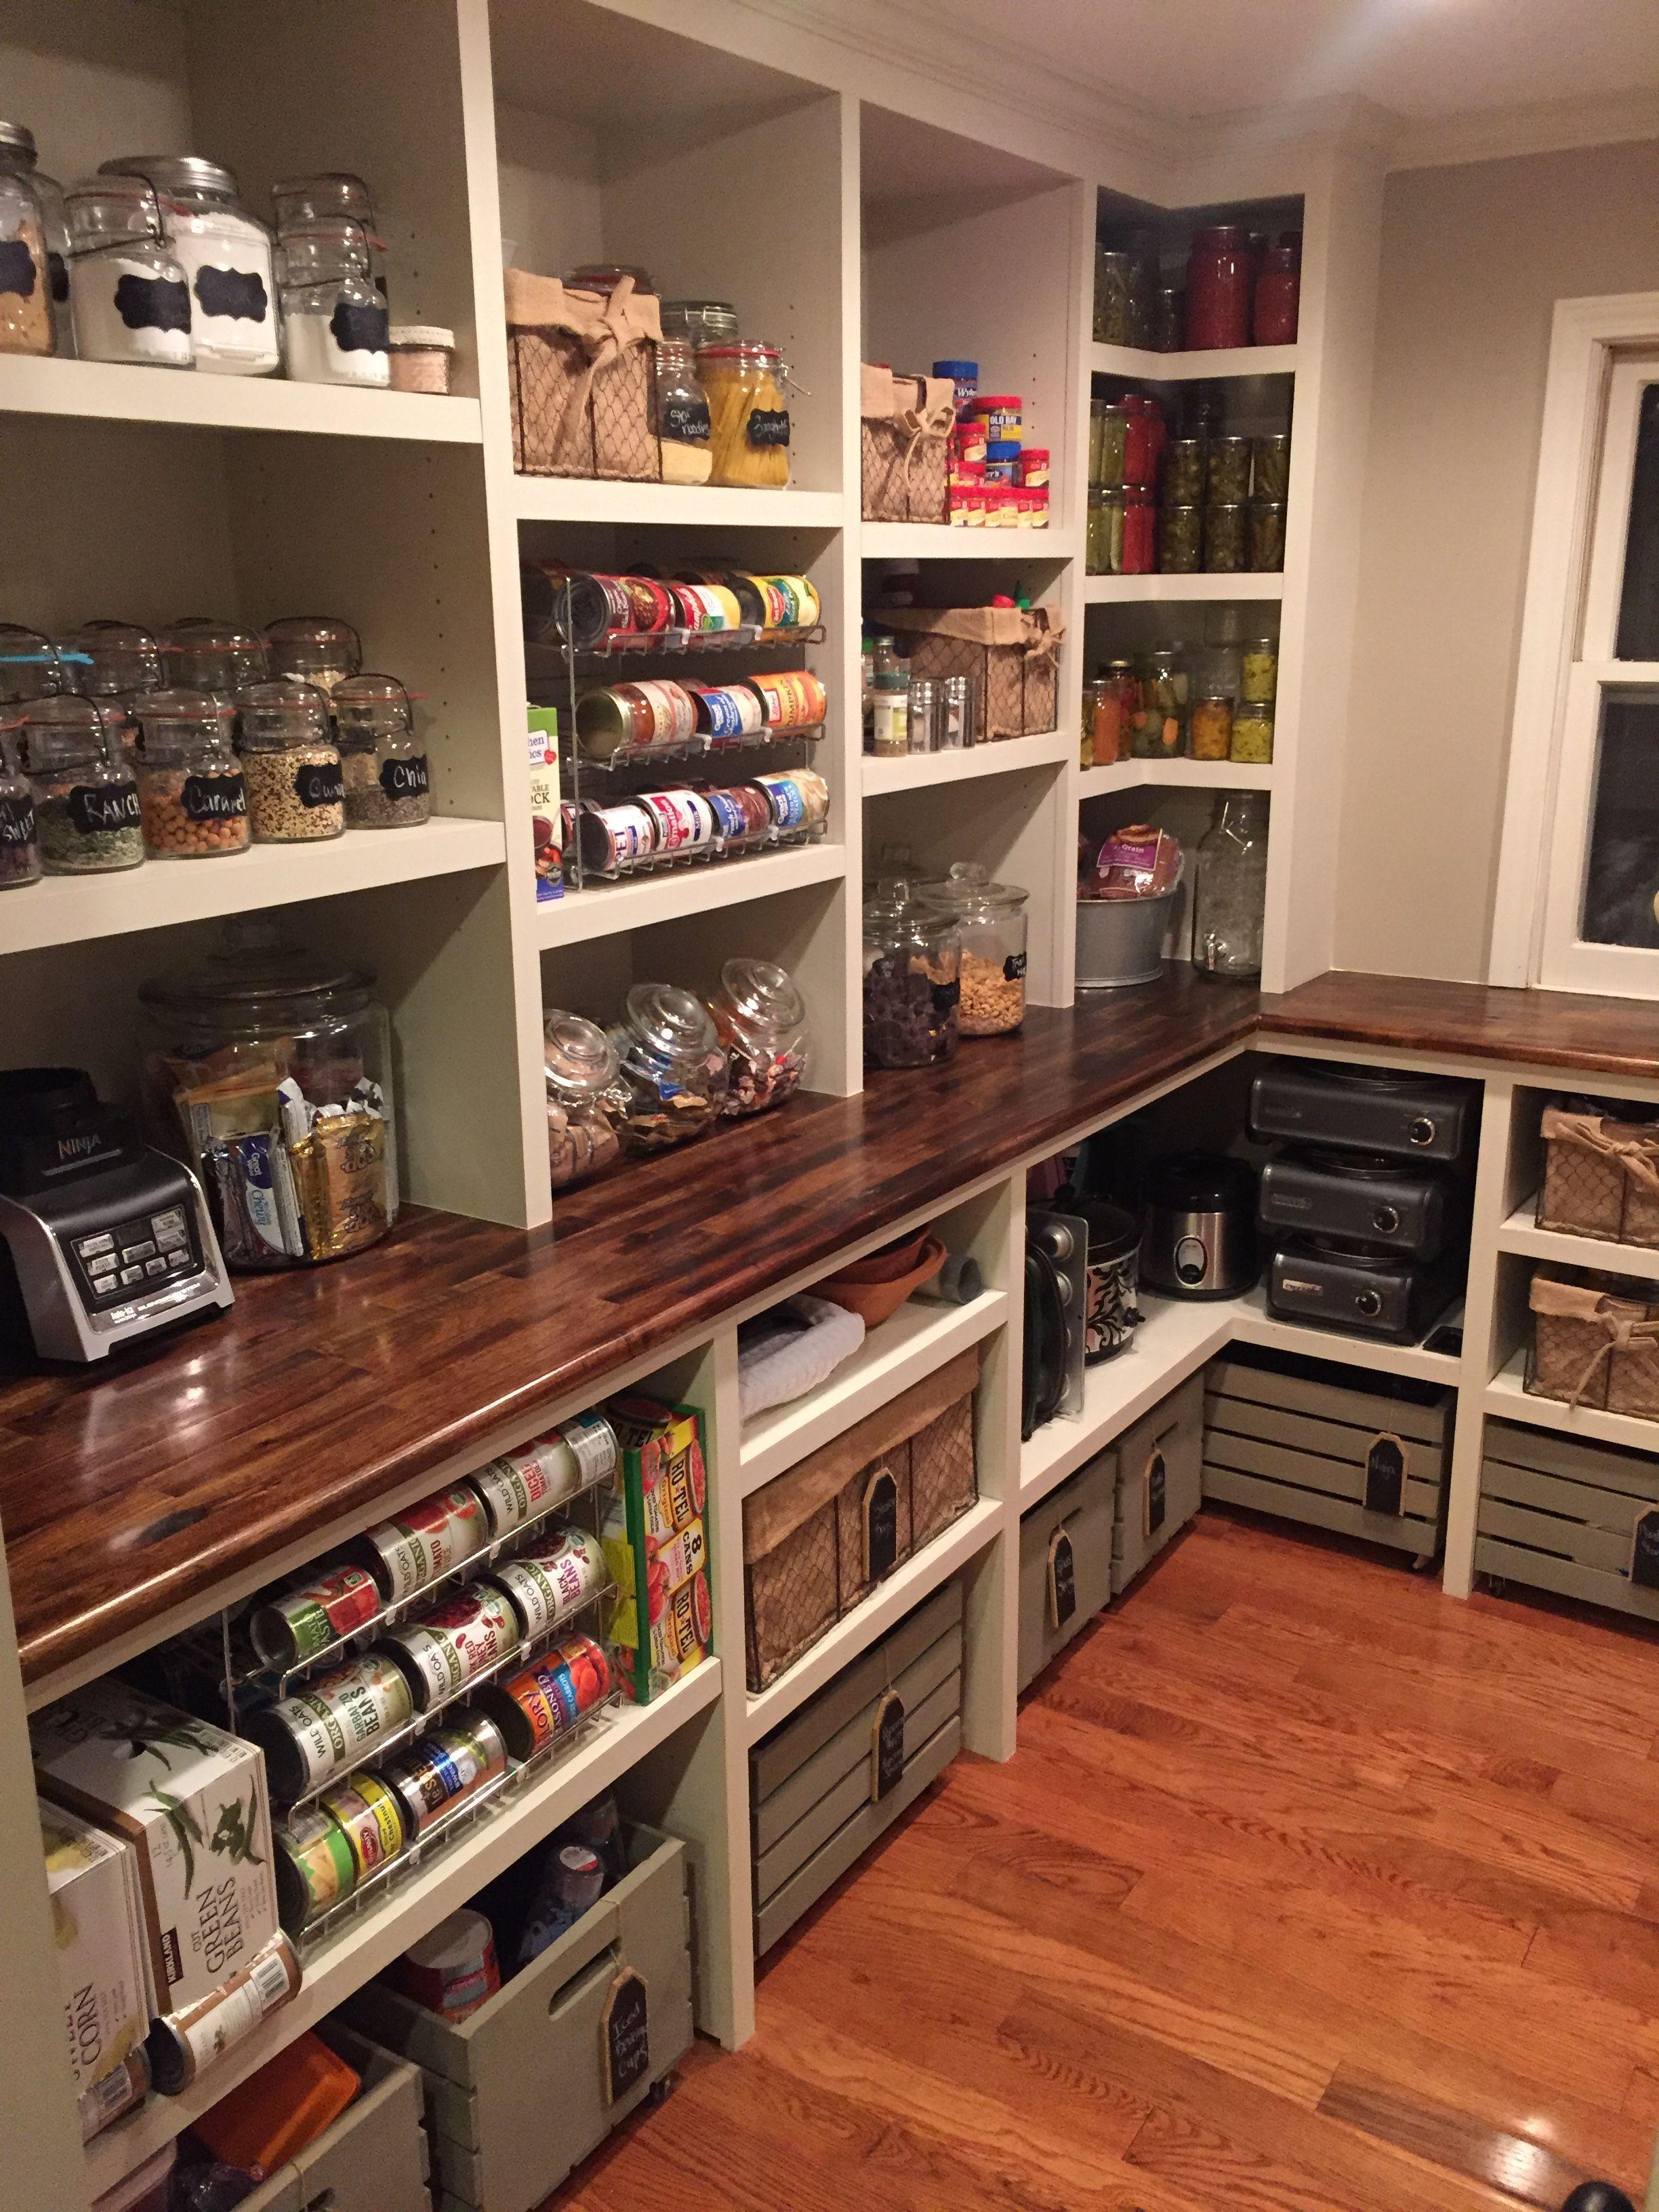 35 Fresh White Kitchen Cabinets Ideas to Brighten